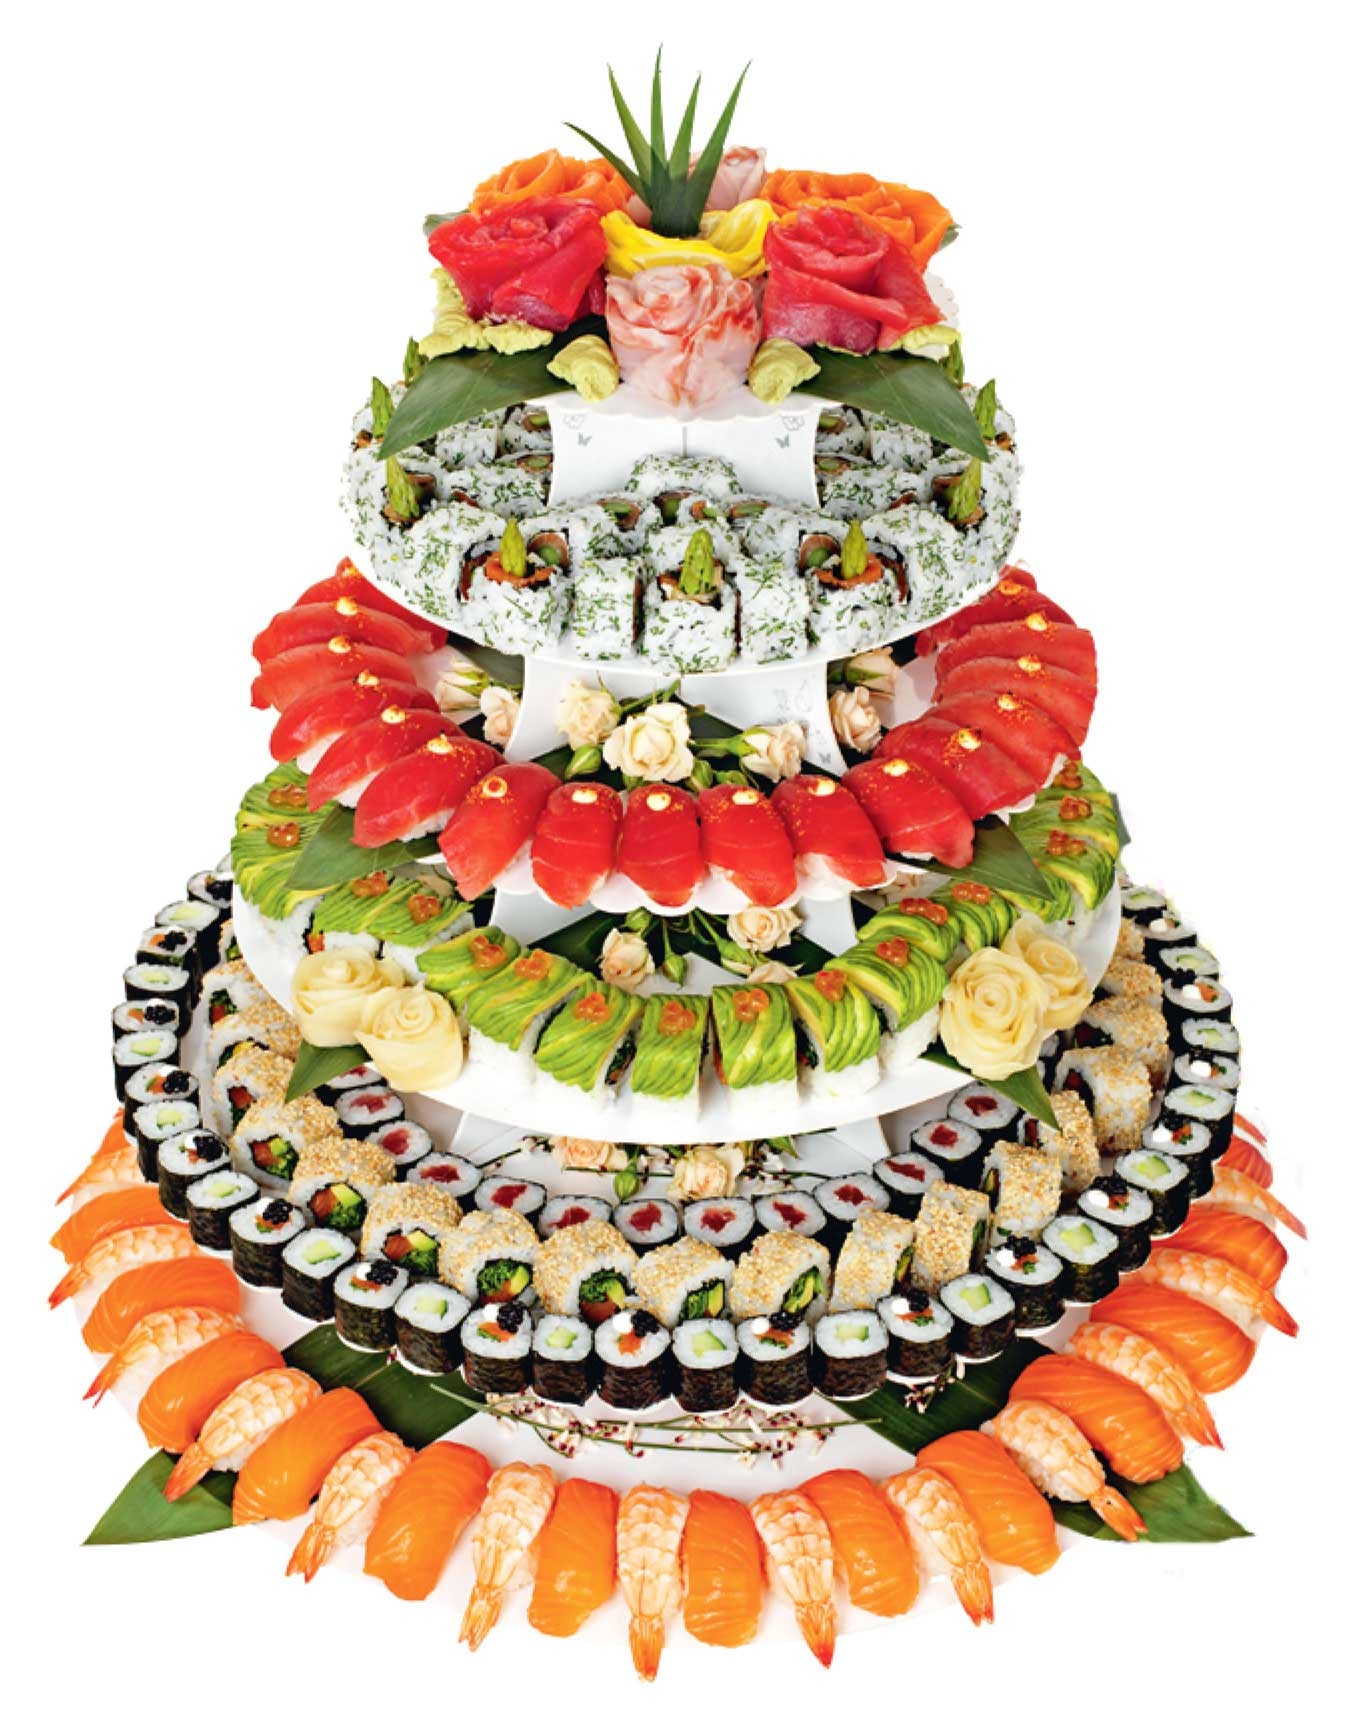 Sushi Rolls co uk